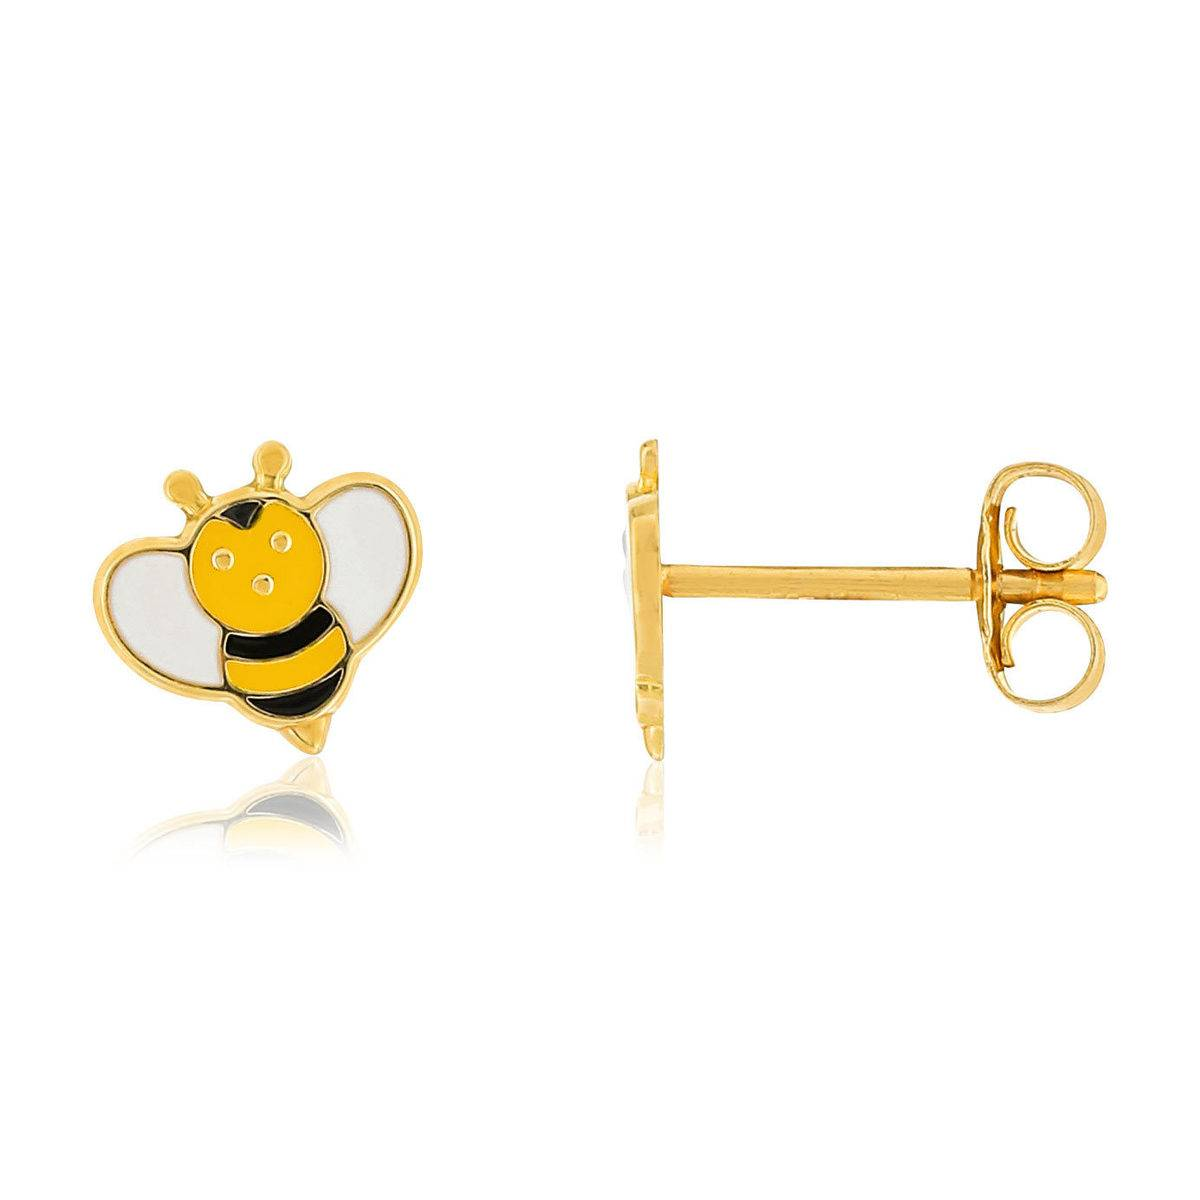 MATY Boucles d'oreilles or 375 jaune laque abeilles- MATY